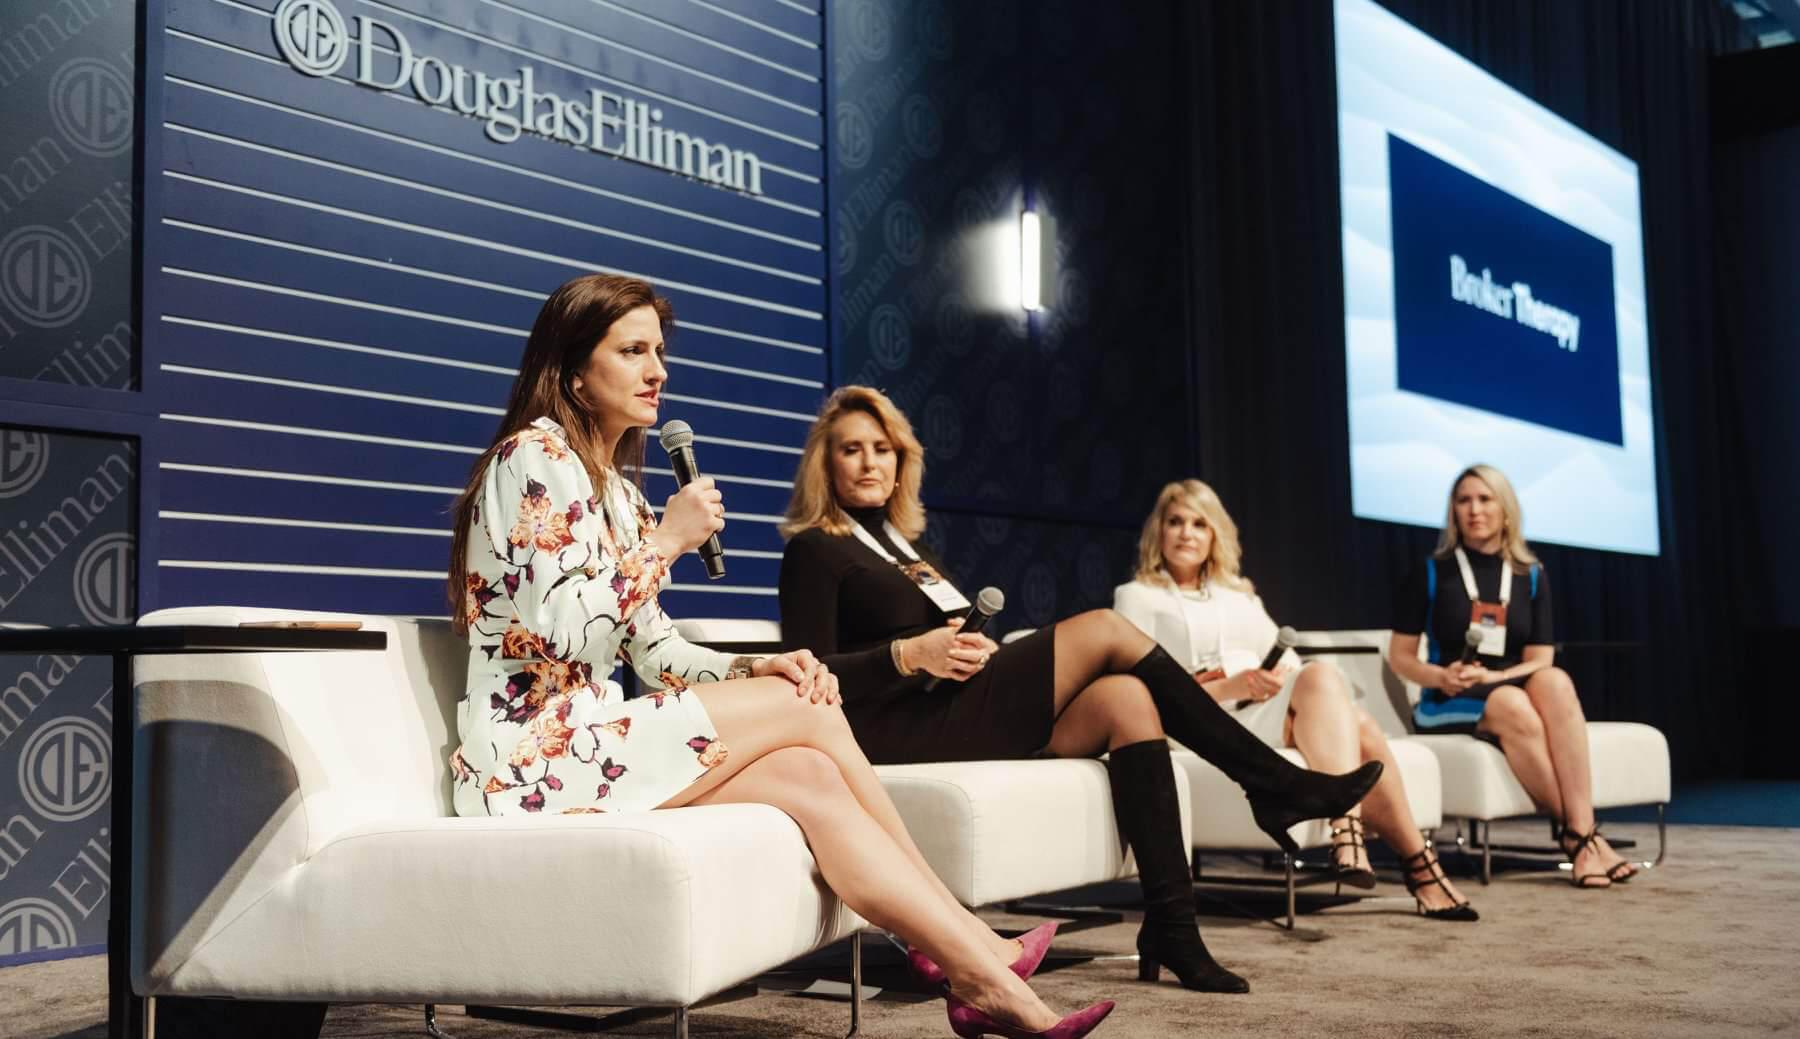 Panel speakers on stage